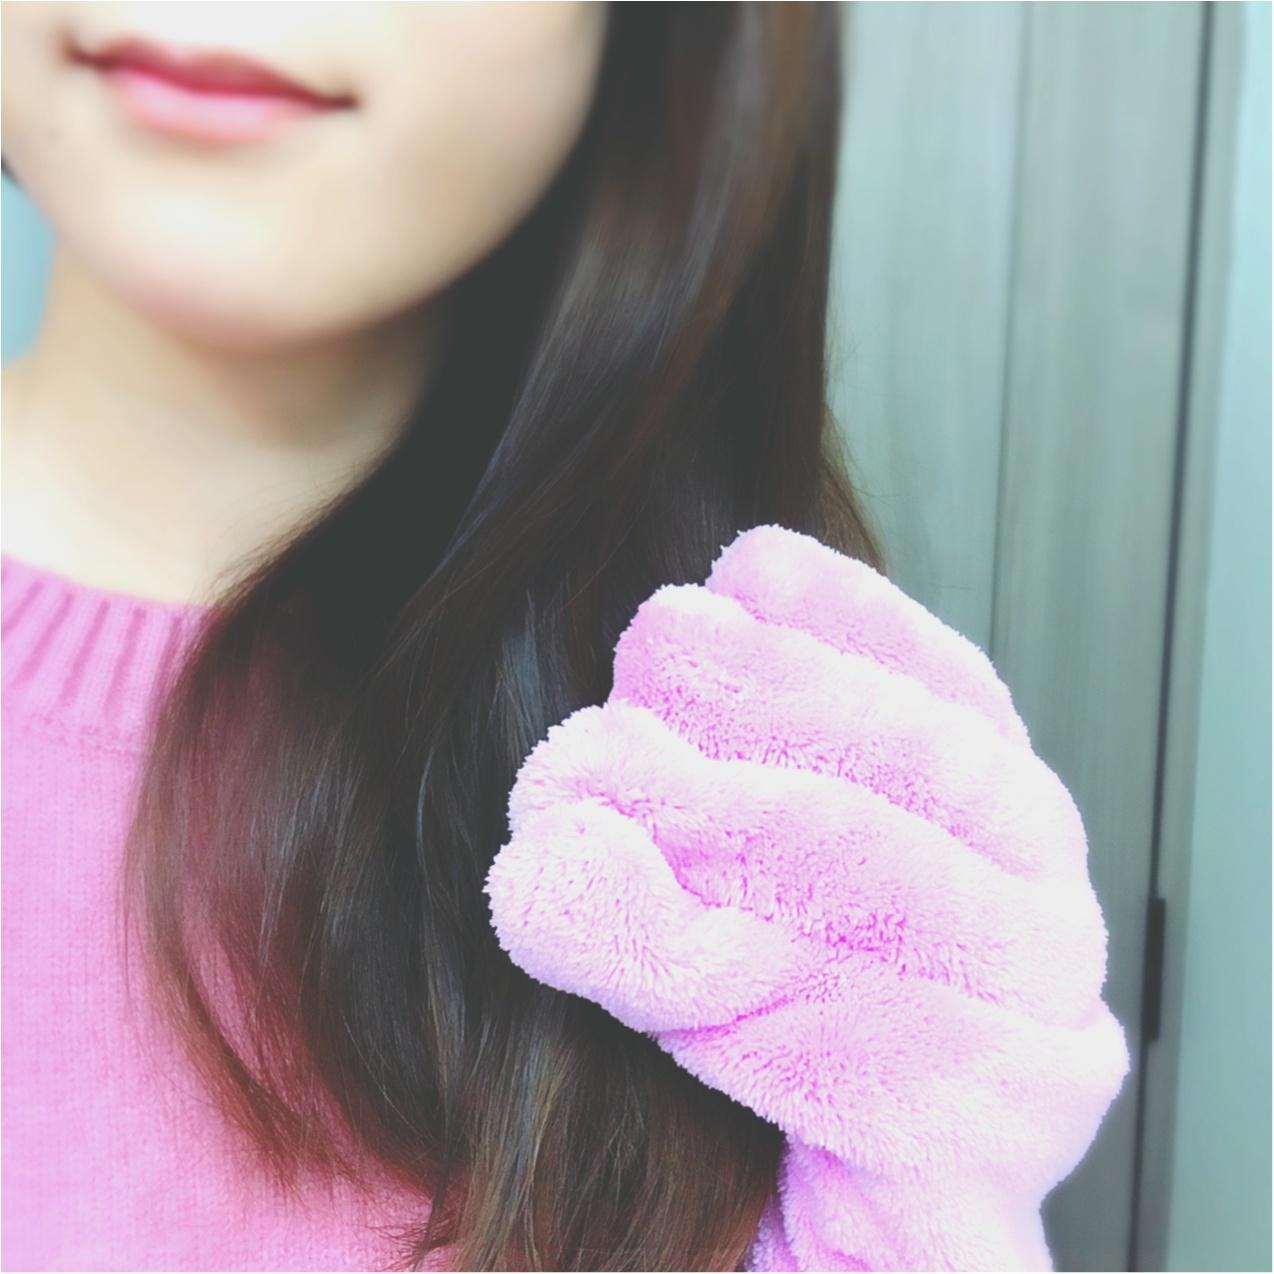 荒れ放題の手が生まれ変わった【ハンドケア術】!この冬は乾燥しらずの《もちスベ手指》に❤️_7